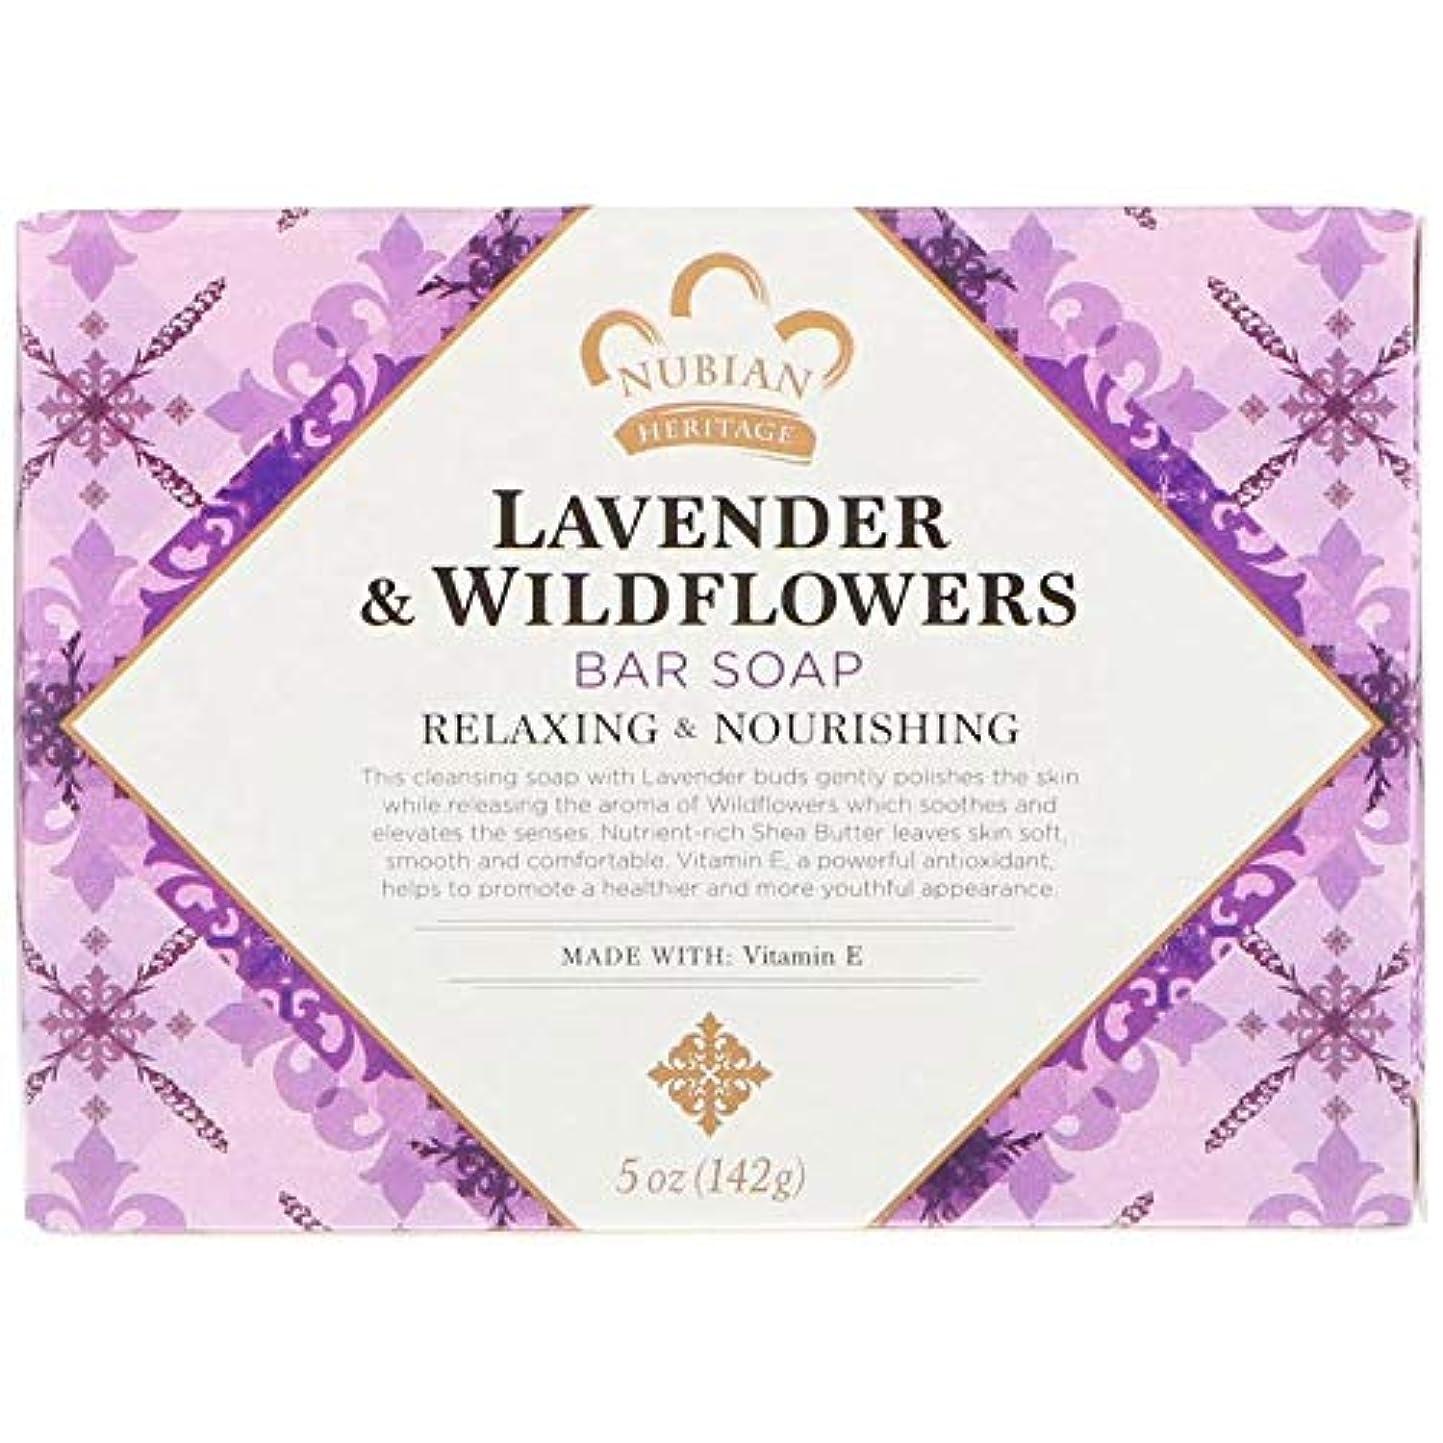 お誕生日知っているに立ち寄る型シアバターソープ石鹸 ラベンダー&ワイルドフラワー Lavender & Wildflowers Bar Soap, 5 oz (142 g) [並行輸入品]